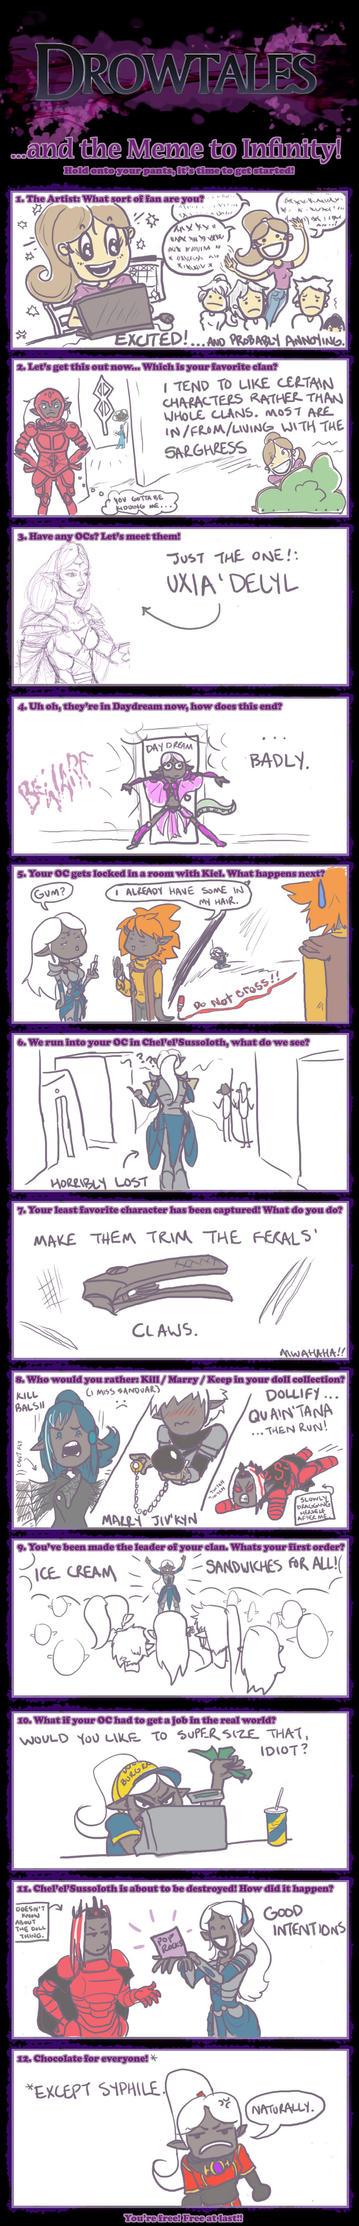 My Drowtales Meme by Valesse